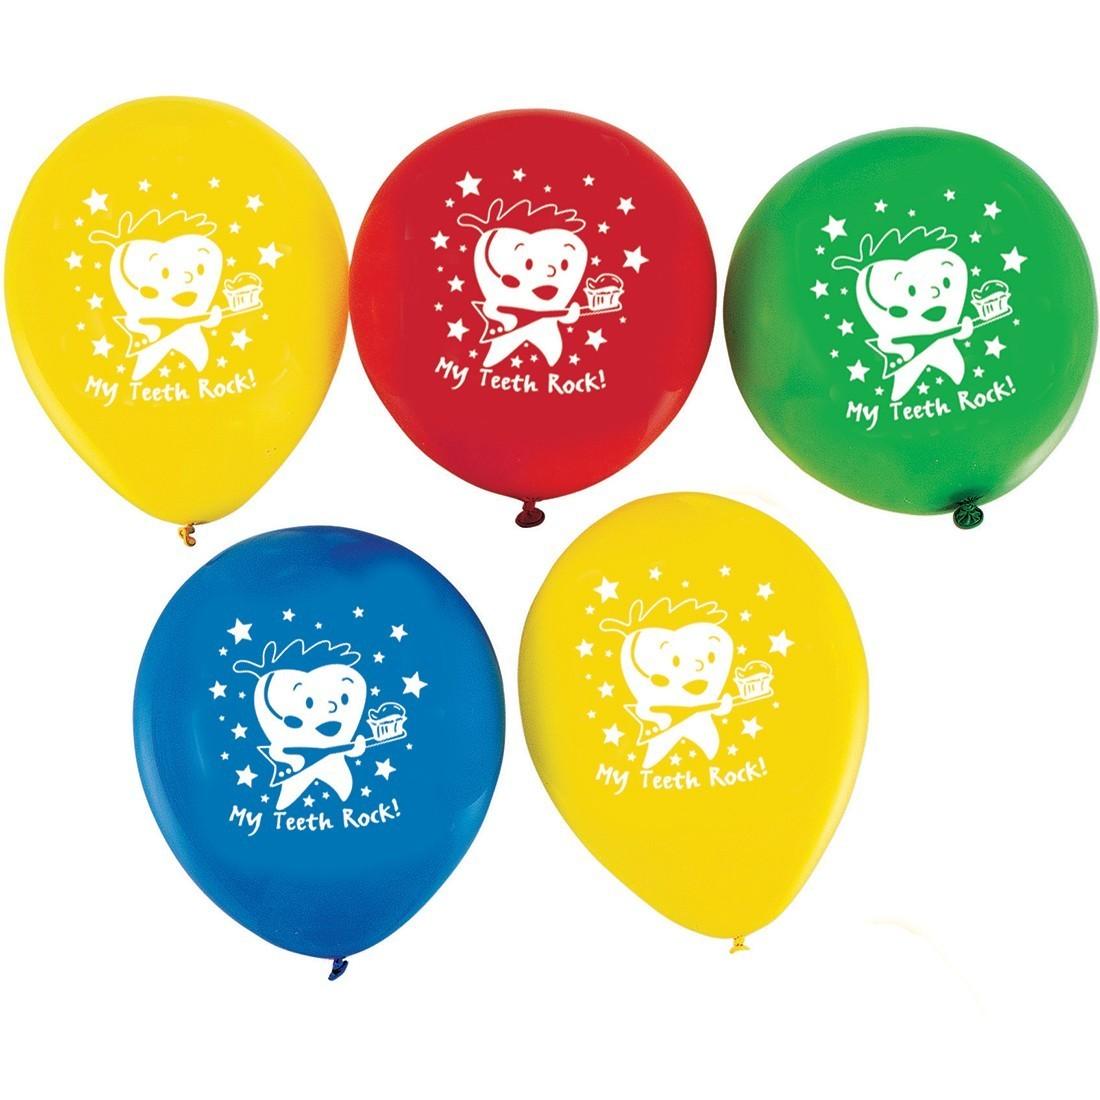 My Teeth Rock Latex Balloons [image]